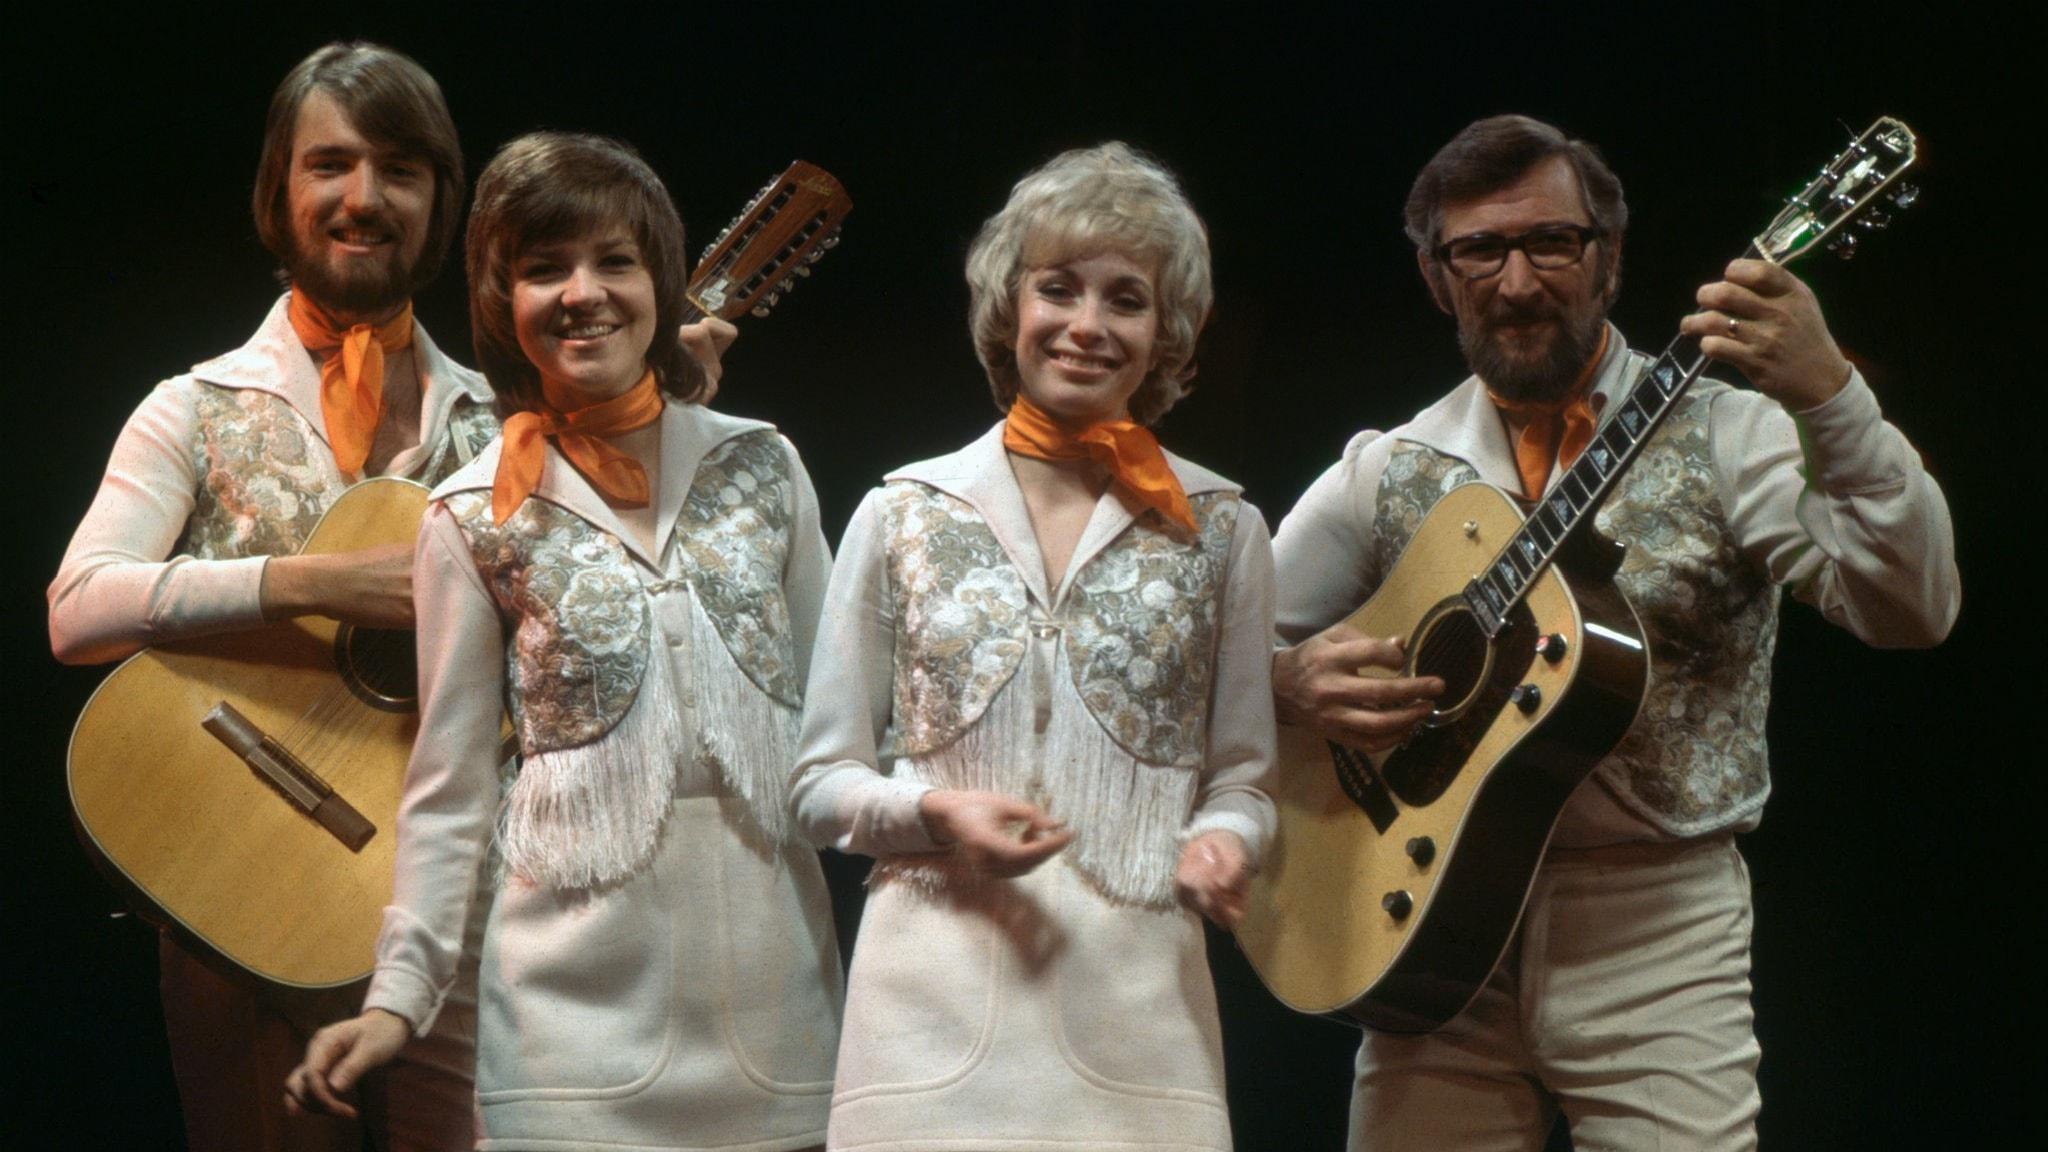 1971 är ett stort hitår för Family Four på Svensktoppen